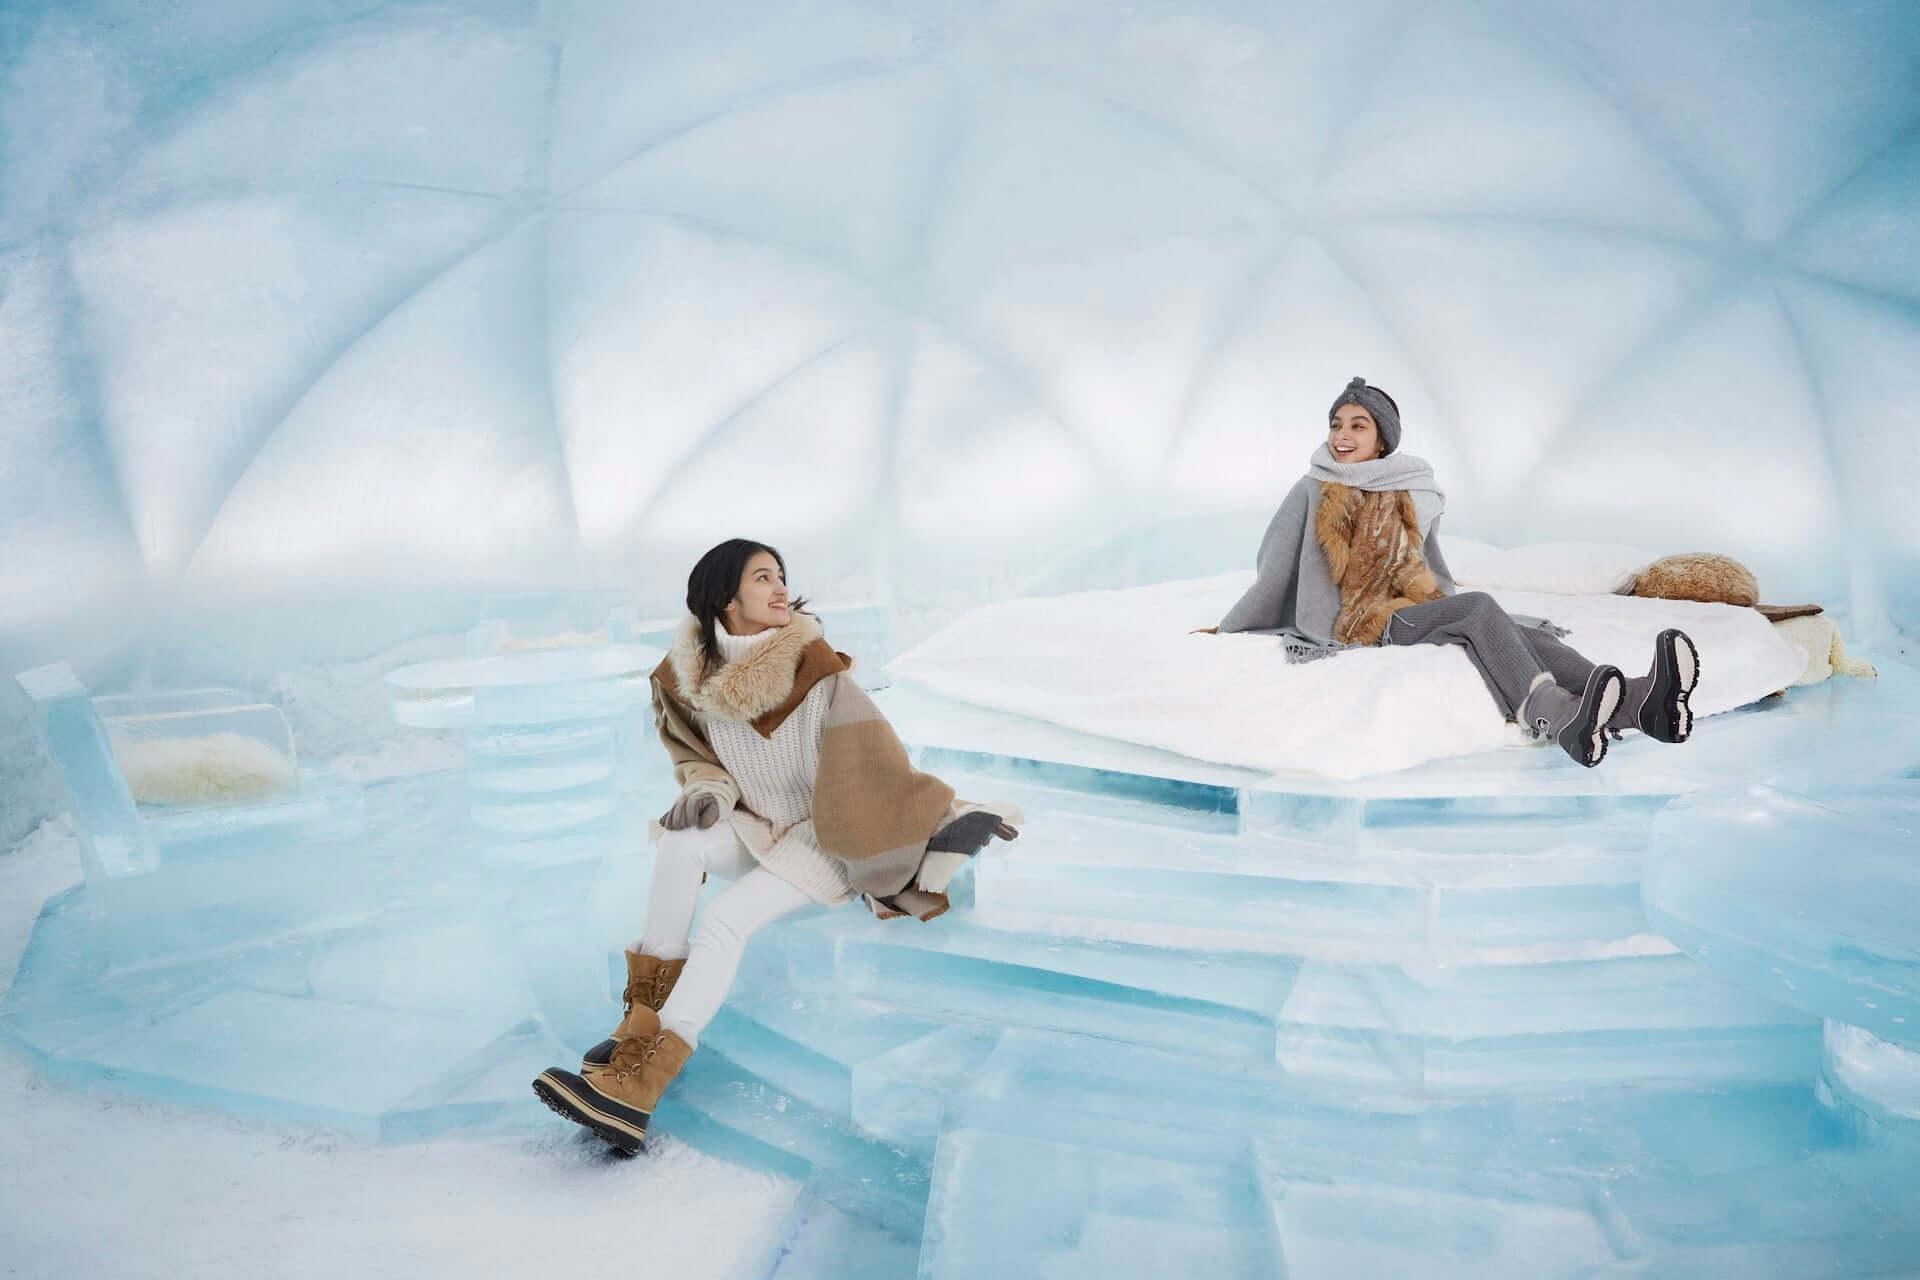 「氷の露天風呂」も堪能できる氷のホテルが北海道最大級のスノーリゾート・星野リゾート トマムに今年も登場! art201202_tomamu_5-1920x1280